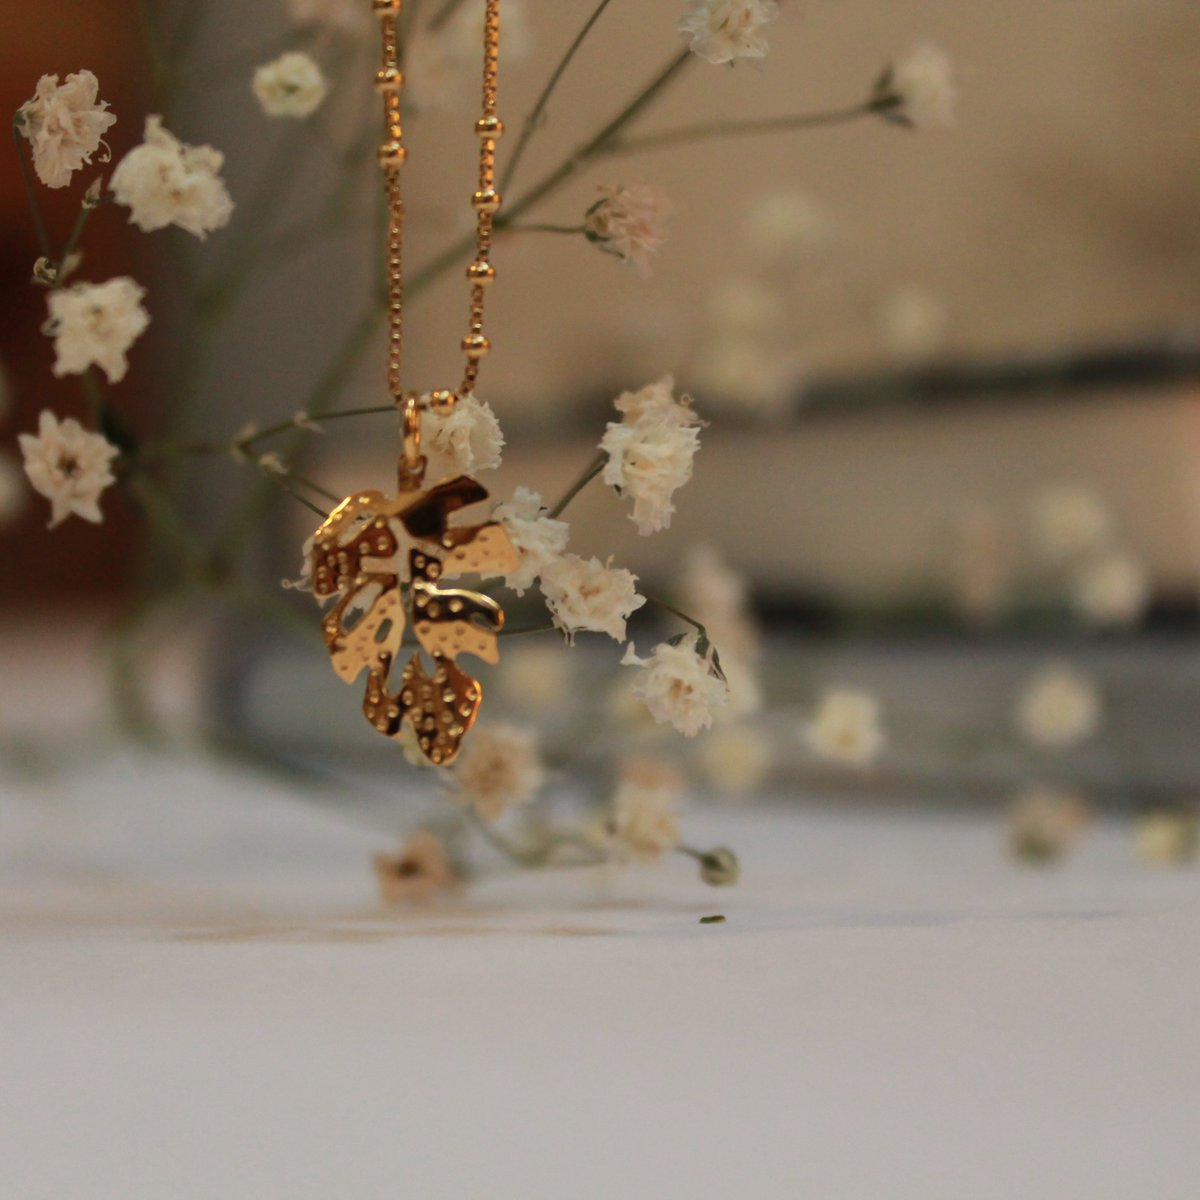 🍃Las hojas siempre están presentes, son estructuras de vida, son ligeras y fluyen con el aire. Disponible en #collar y #aretes #kalitajoyeria #jewelrygram #diseñomex #hechoamano #hechoenmexico #look #jewelryadict #musthave #chapadeoro #jewelrymaker #handmade  #hojas #Torreón